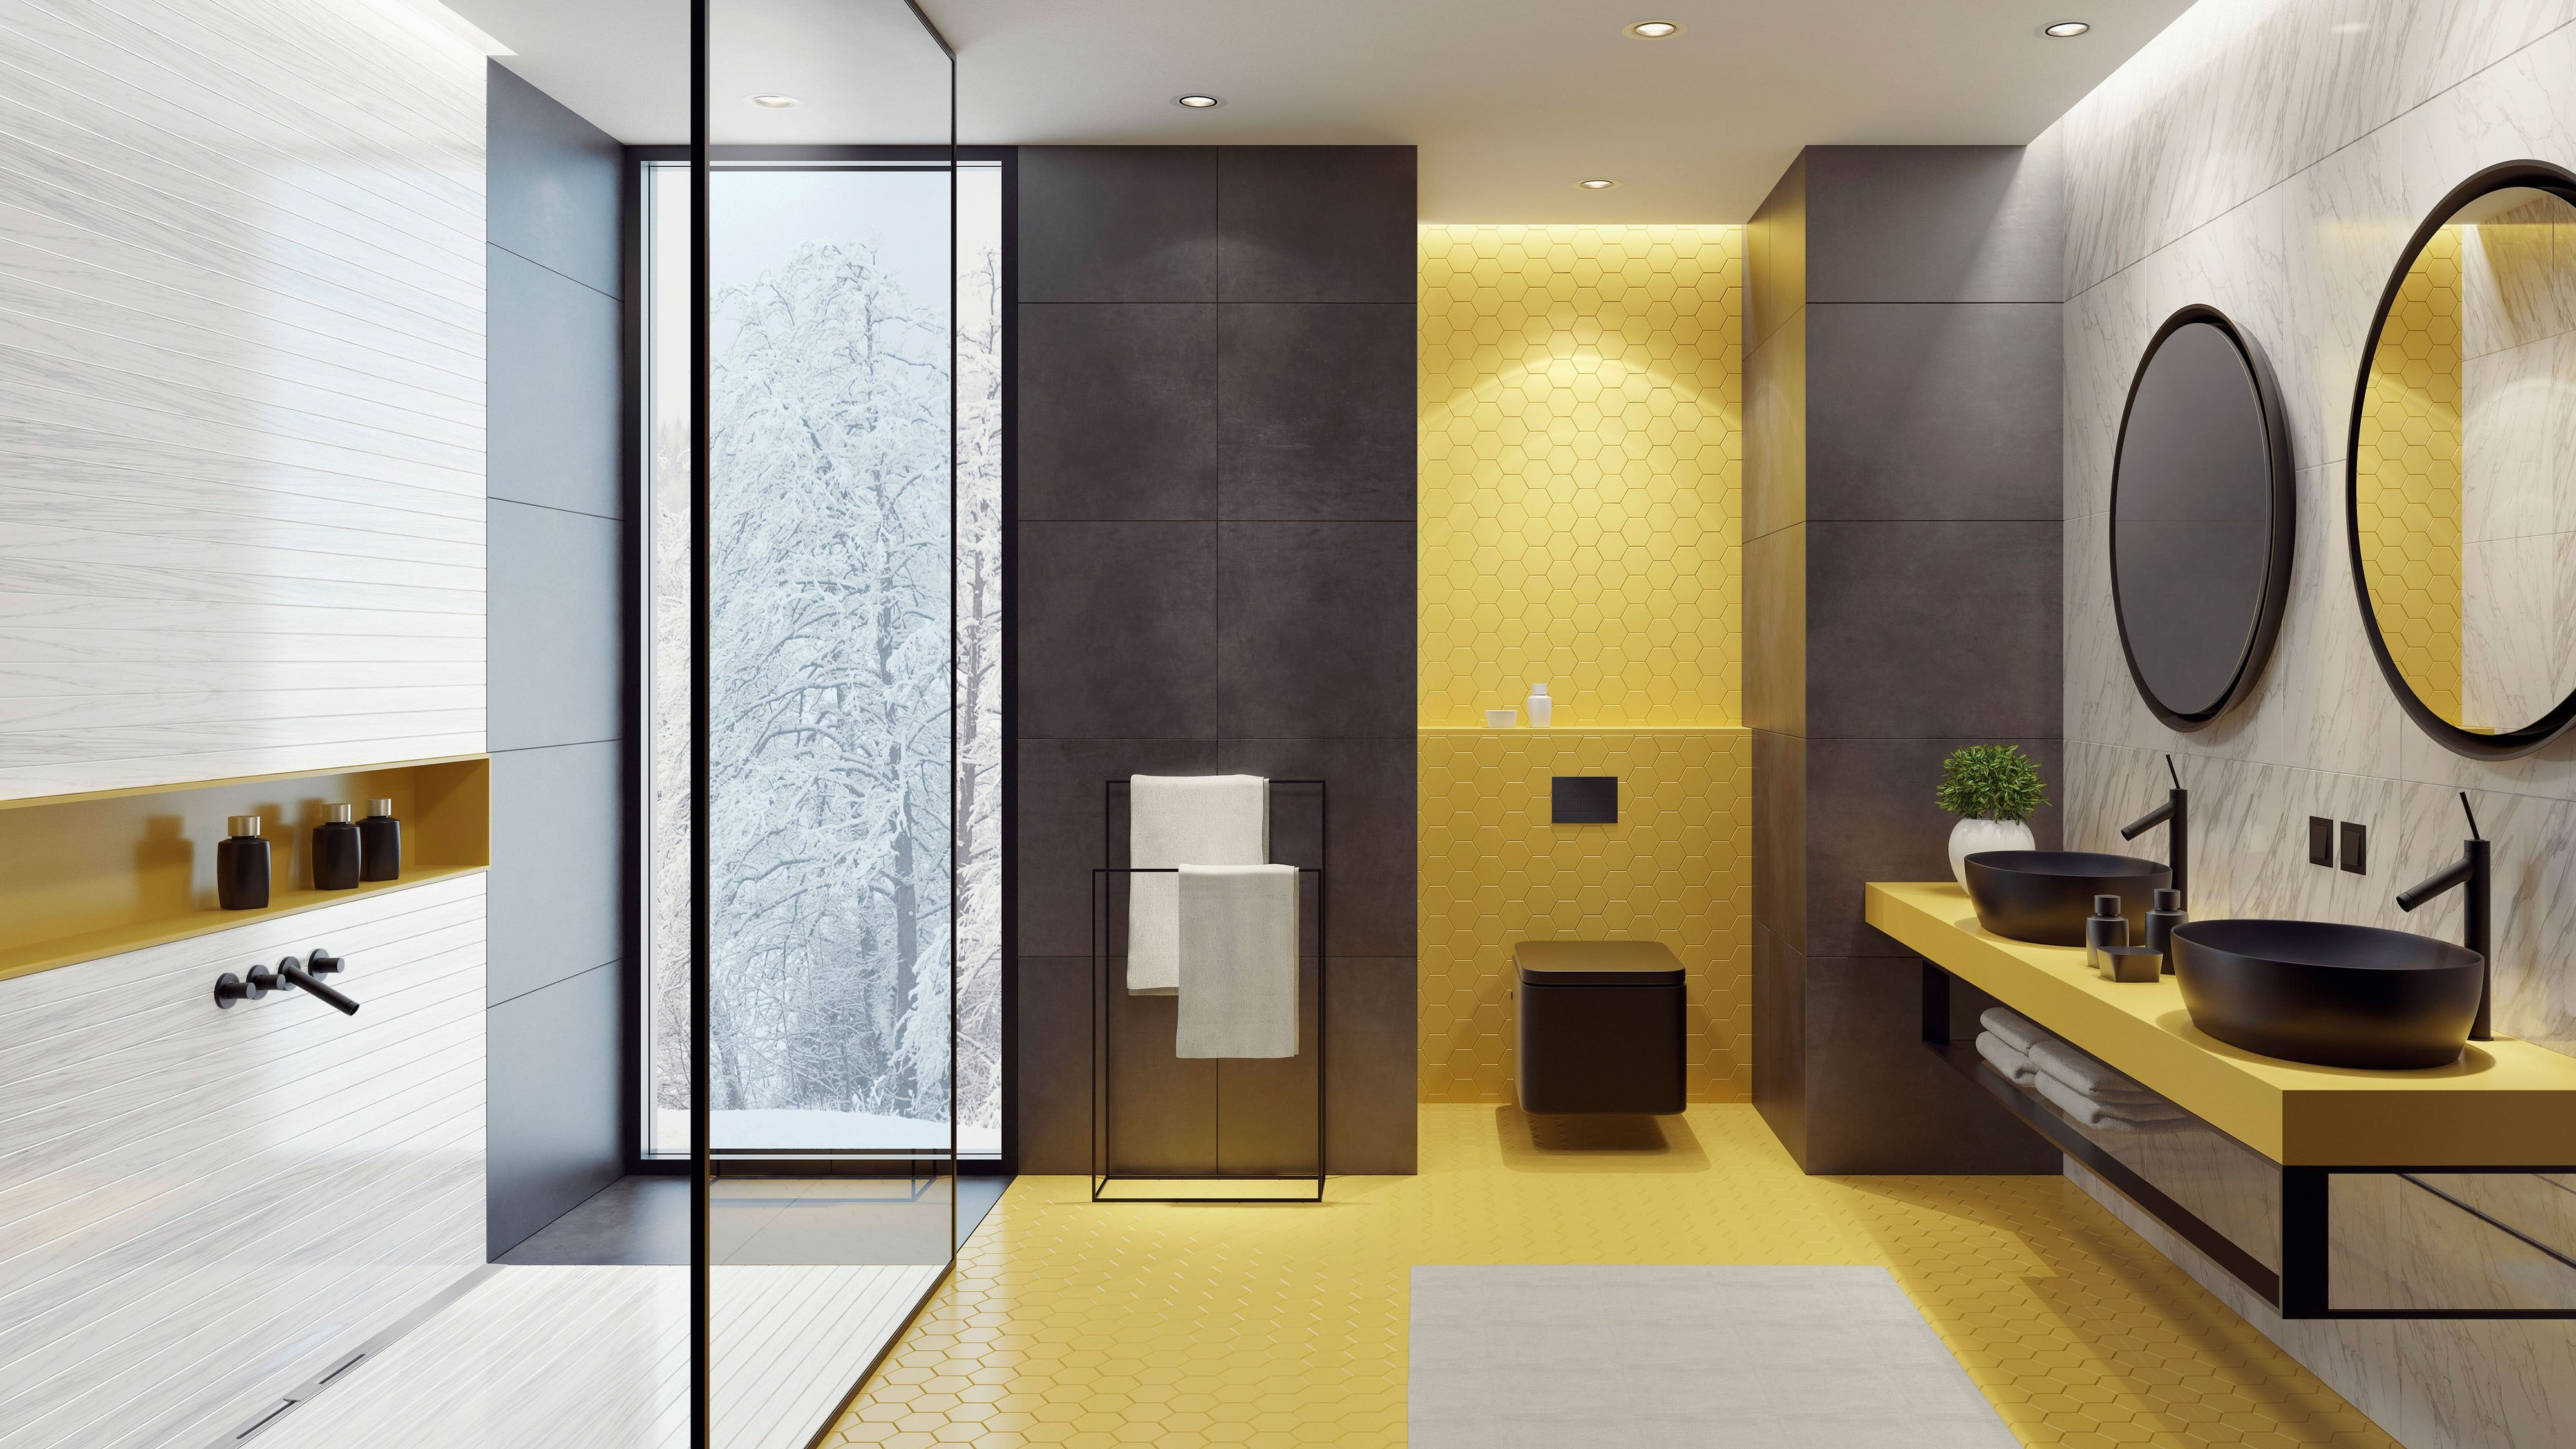 Eine schwellenfreie und großzügige Dusche wertet jedes Wohlfühlbad auf. Maßgenaue Duschrinnen sorgen für einen zuverlässigen Wasserablauf. Foto: djd/Gutjahr Systemtechnik/Getty Images/tulcarion